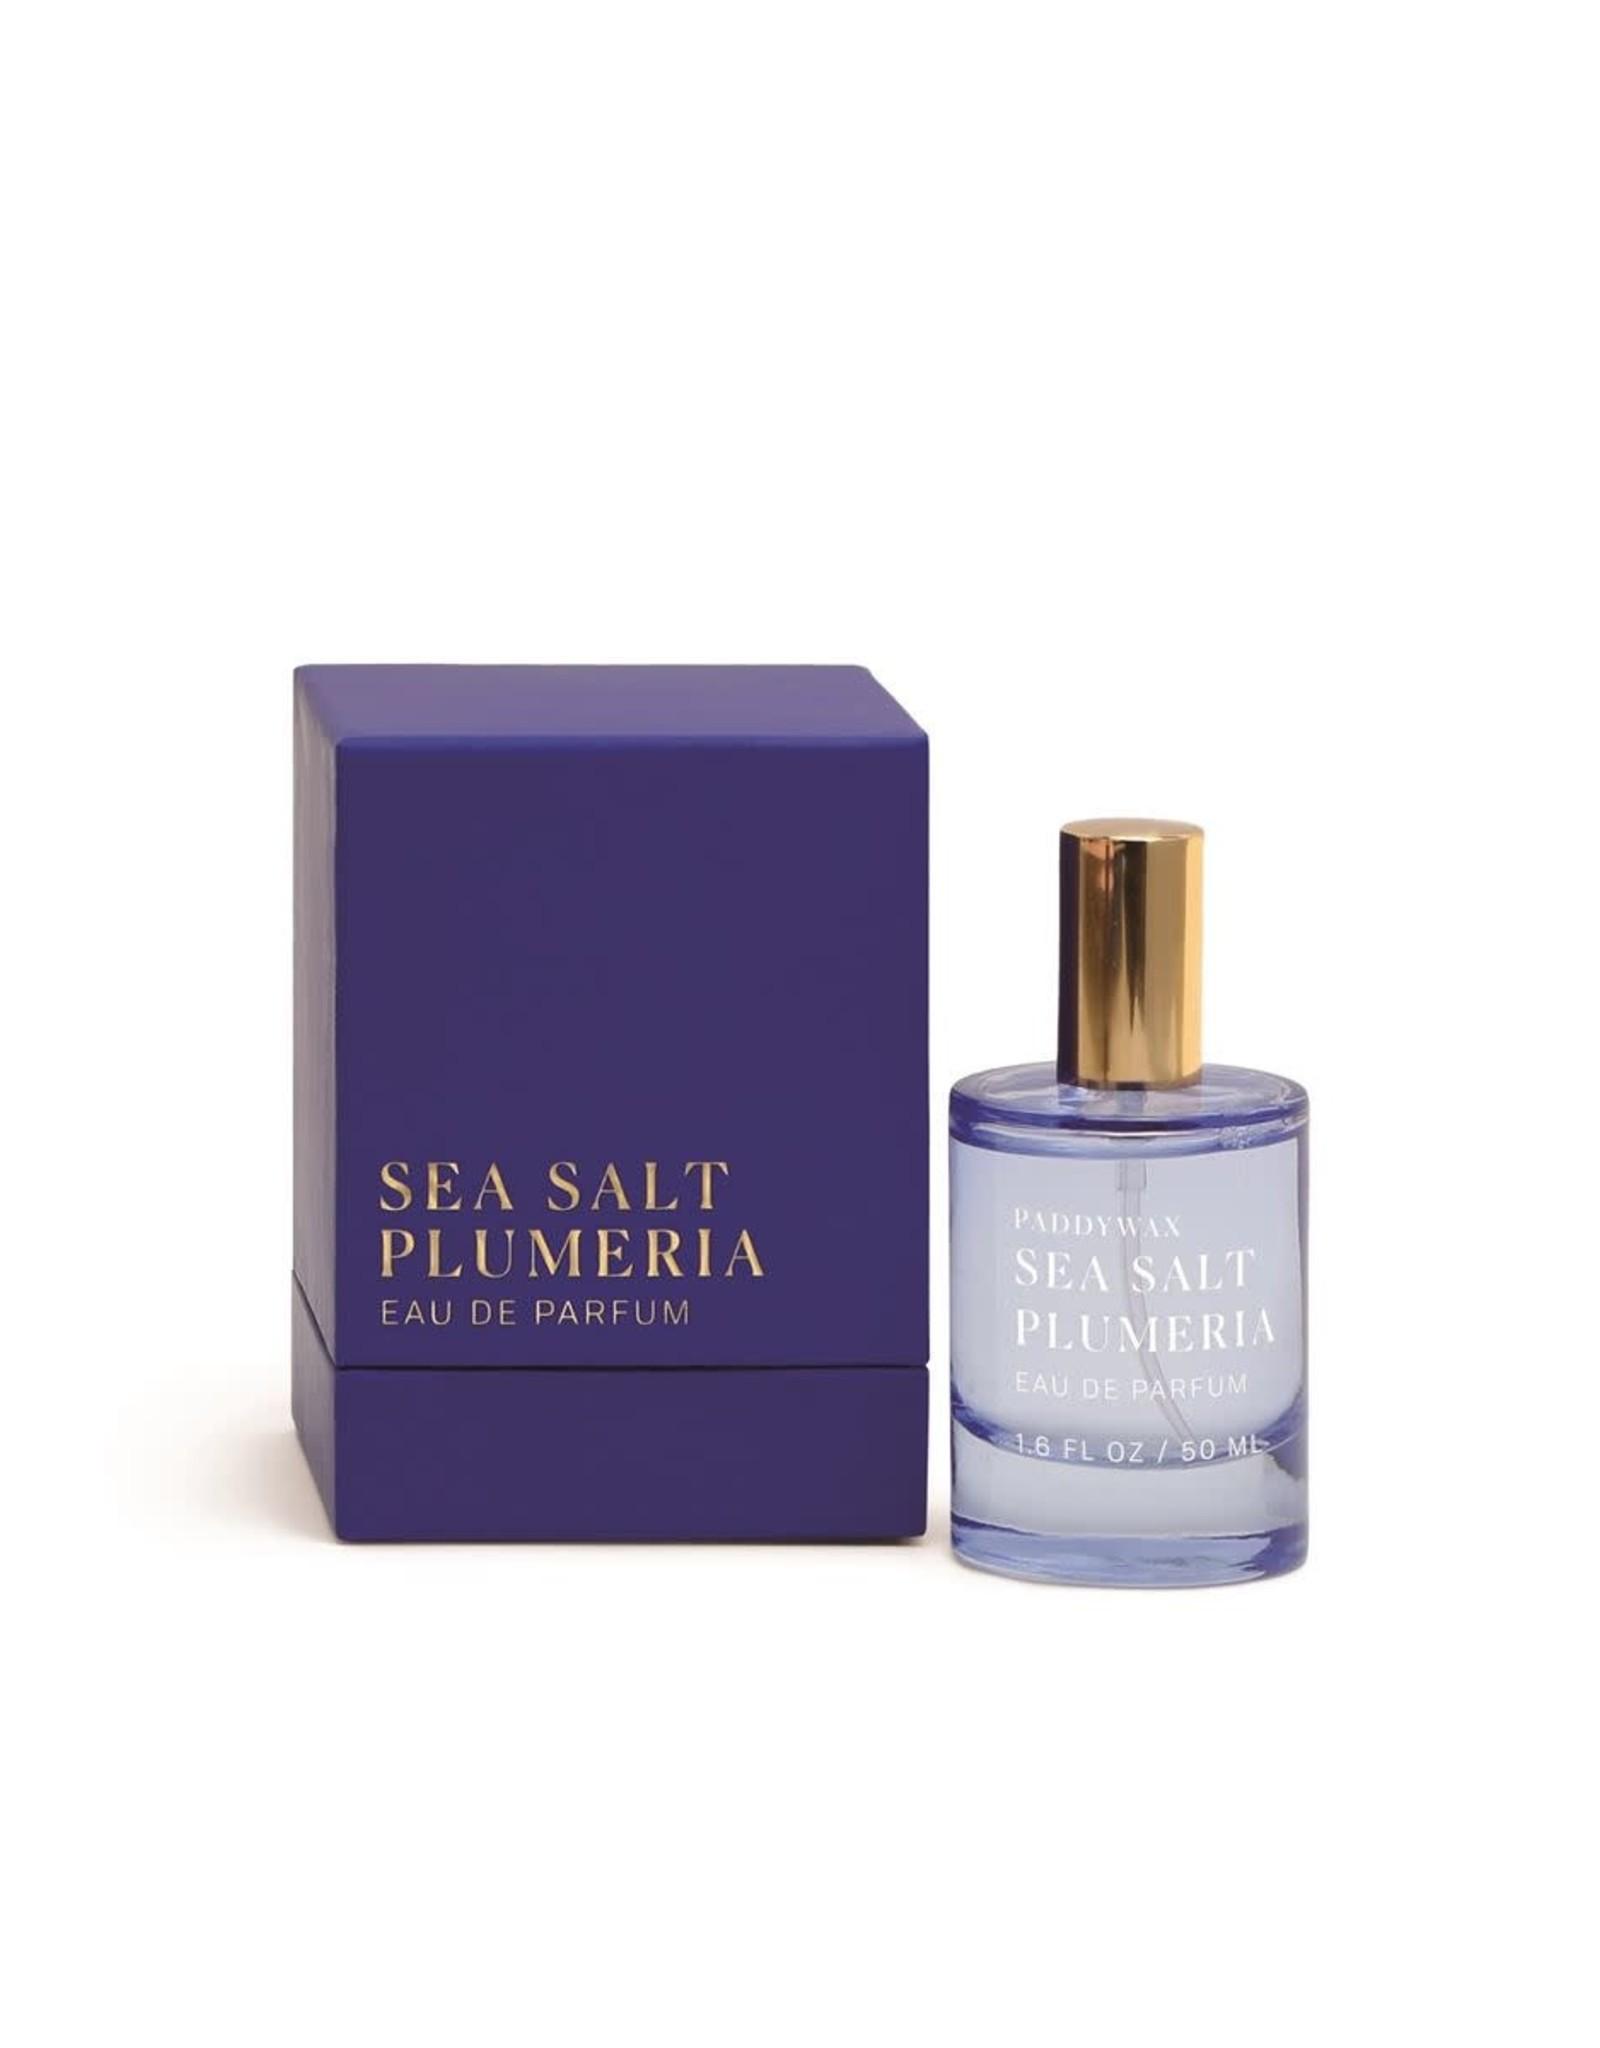 Sea Salt and Plumeria Perfume